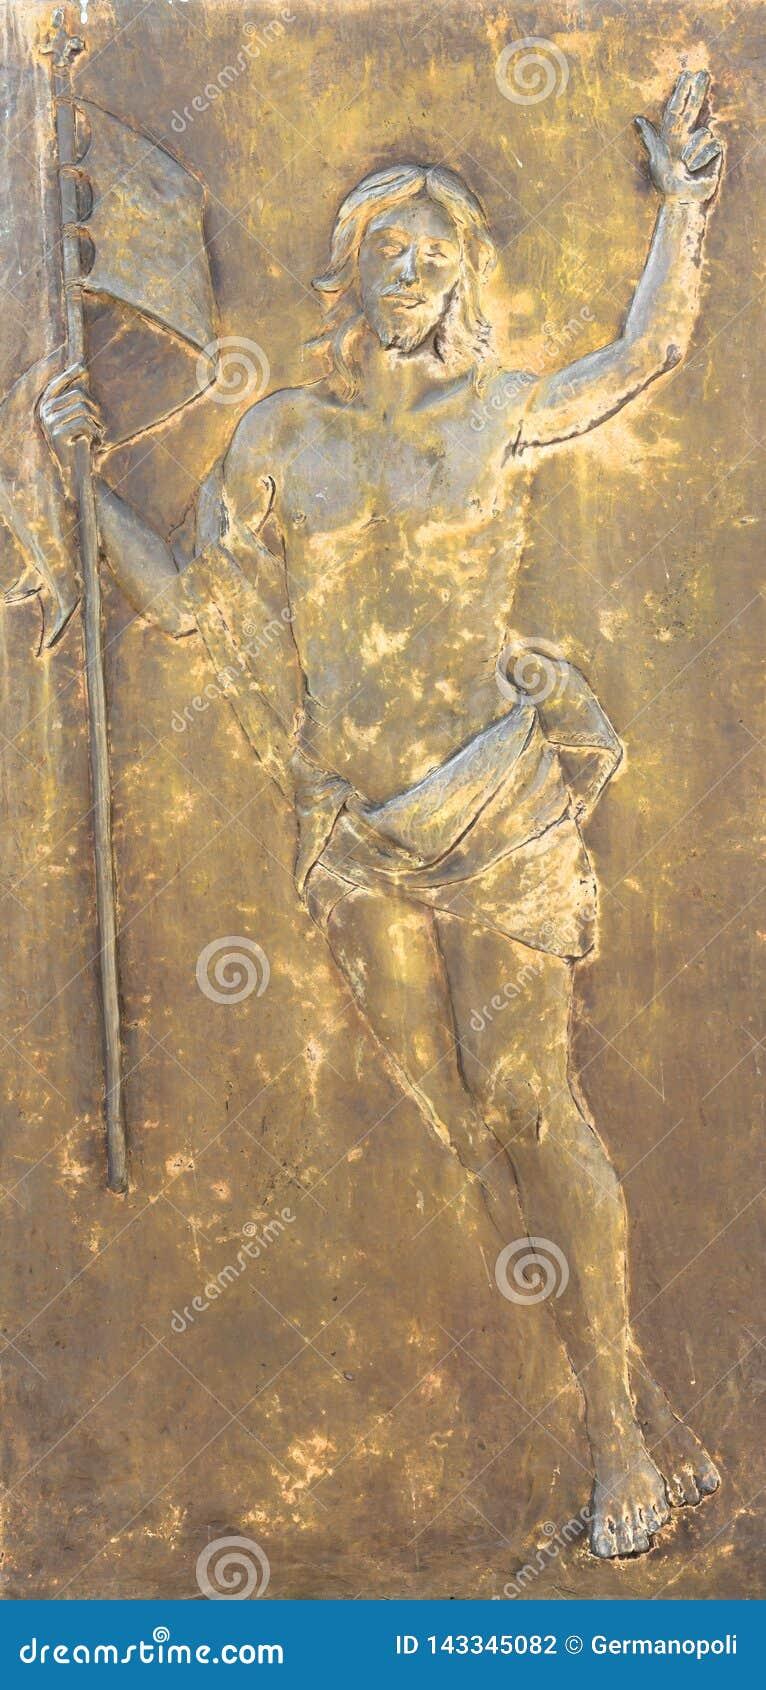 Figure of Jesus Christ in bronze bas-relief